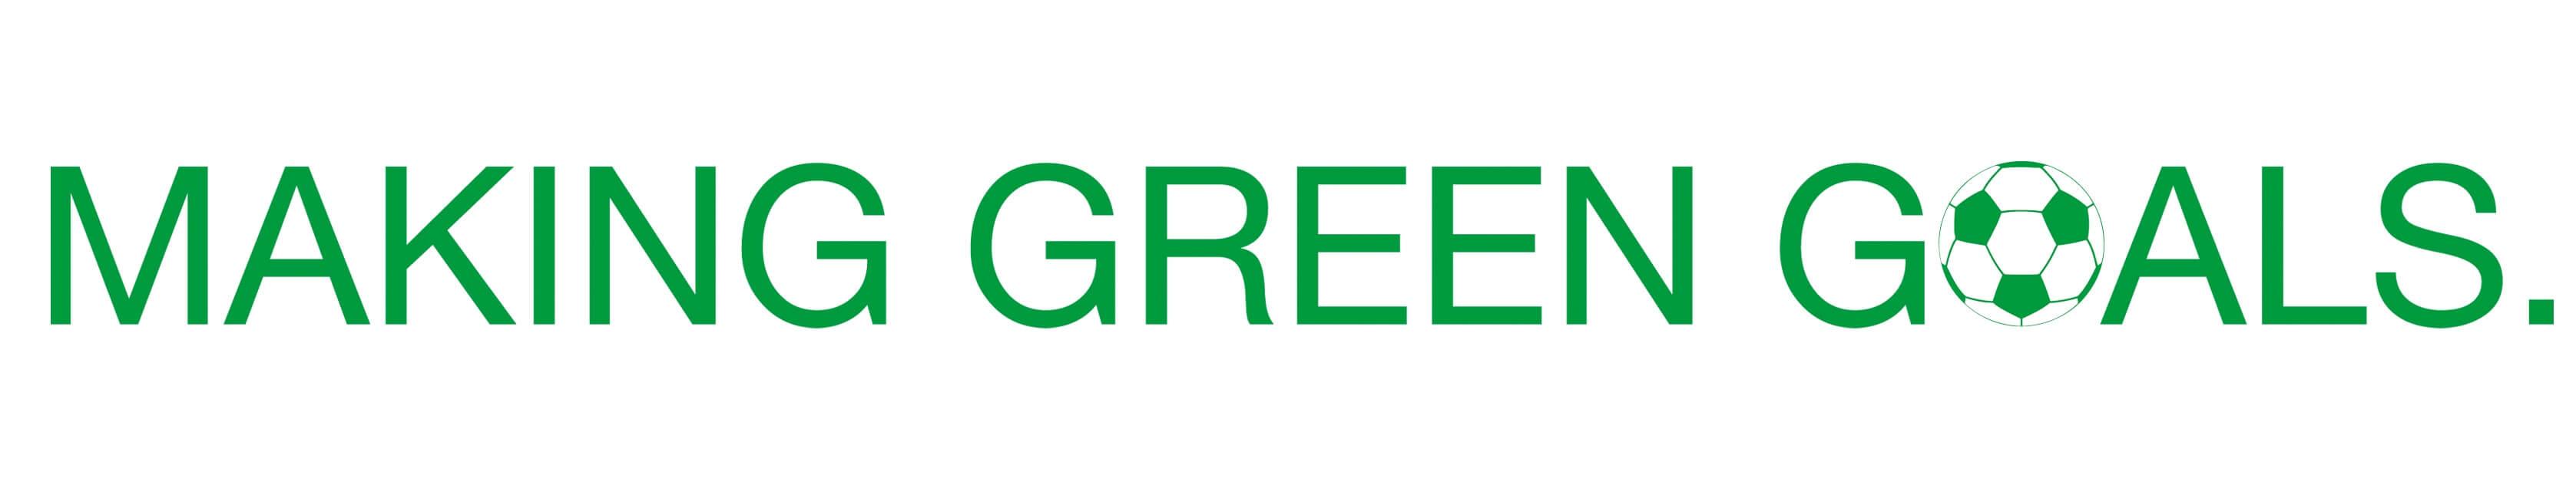 Making-green-goals_schriftzug